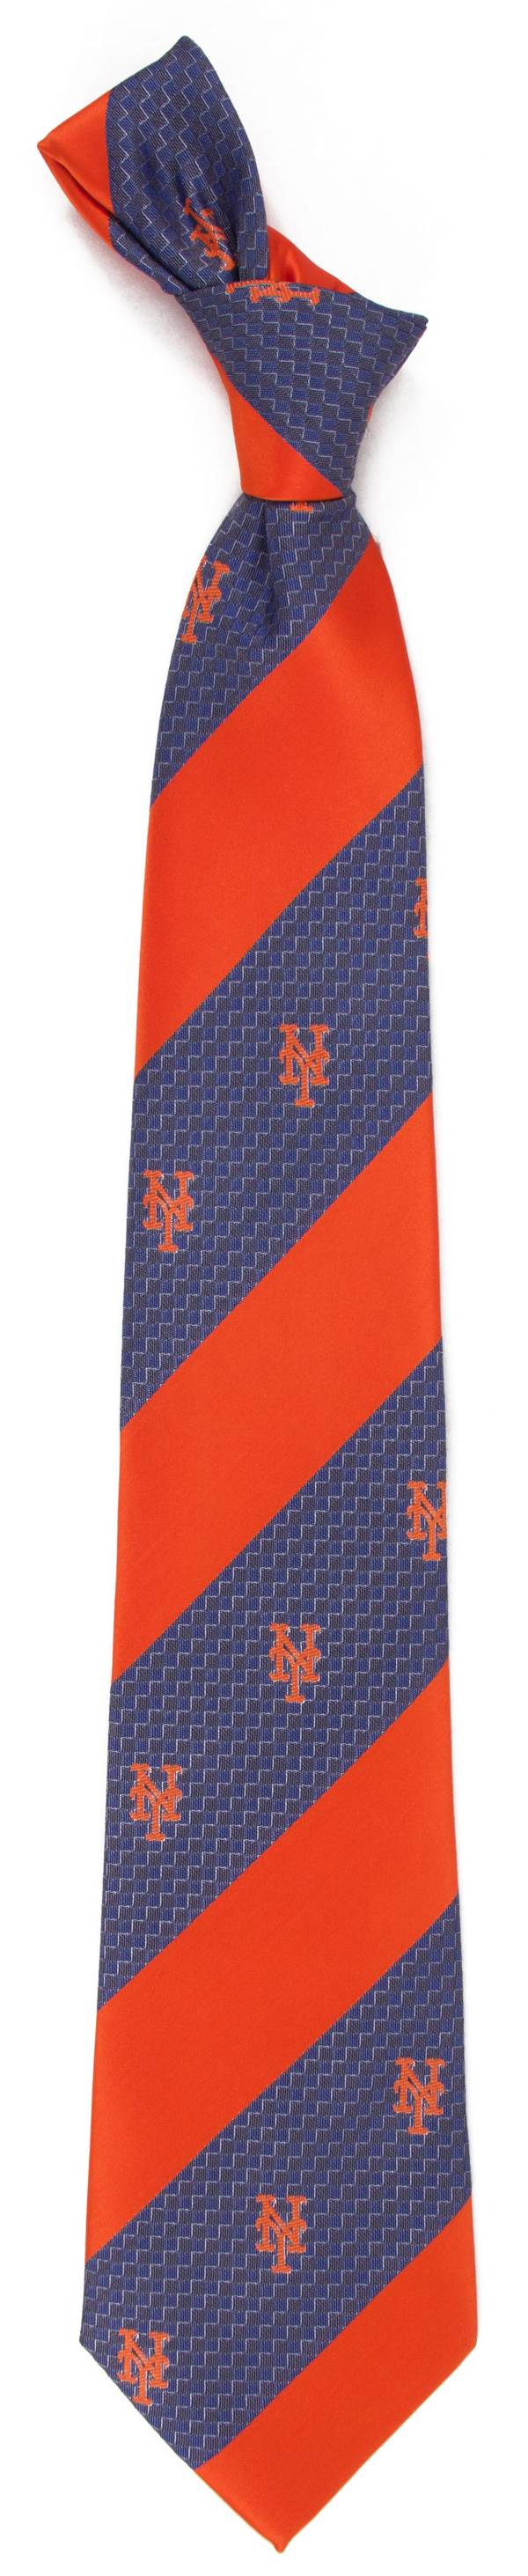 Eagles Wings New York Mets Geo Stripe Necktie product image